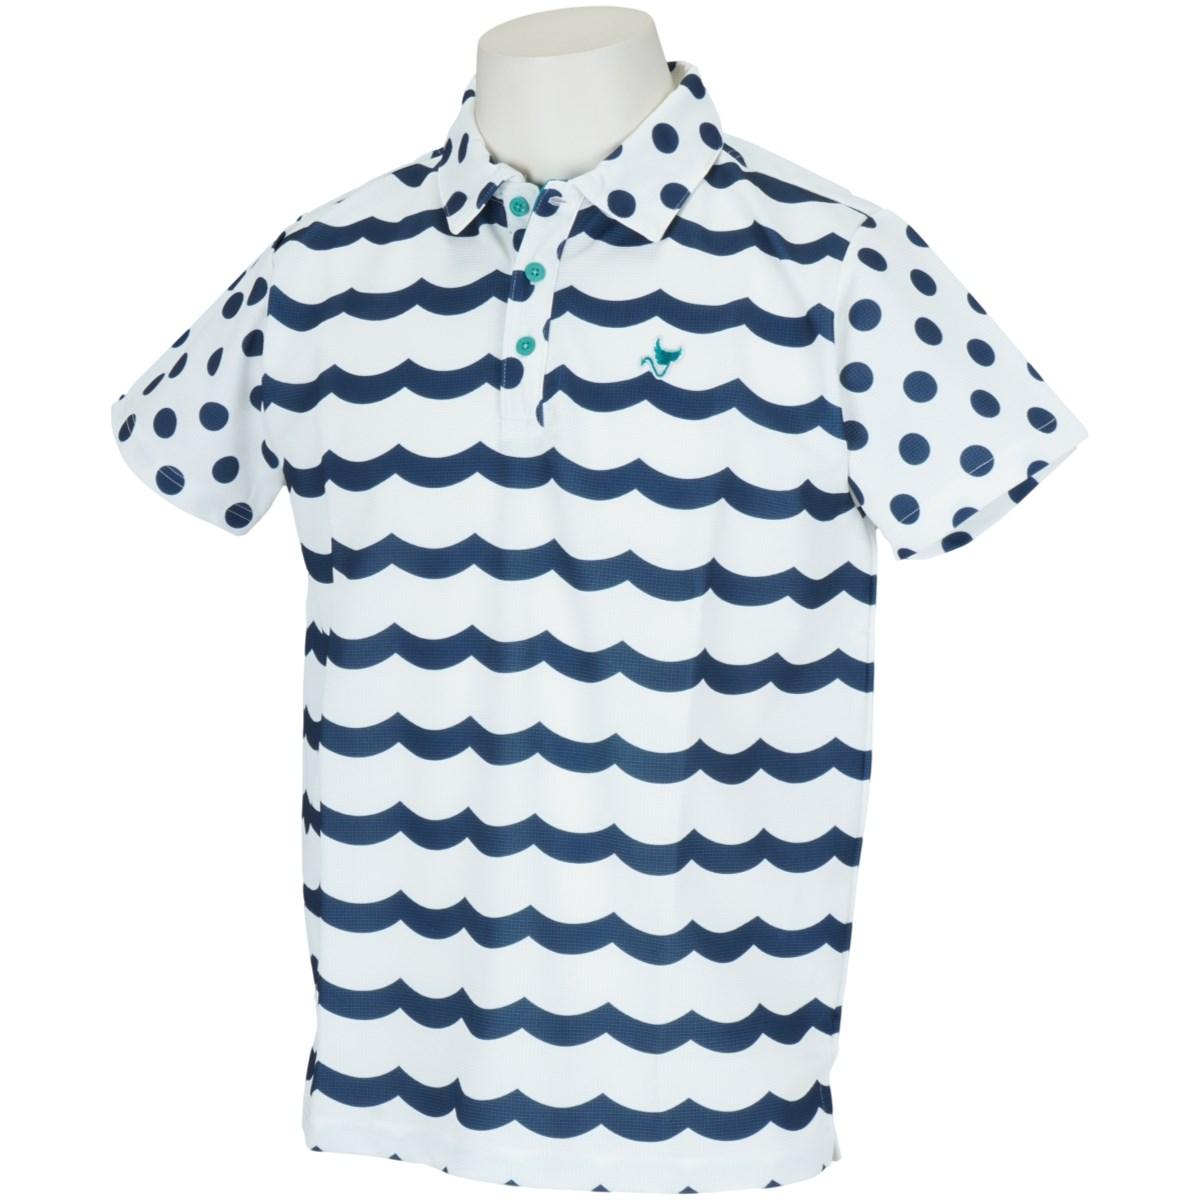 クランク(Clunk) WAVEボーダー半袖ポロシャツ